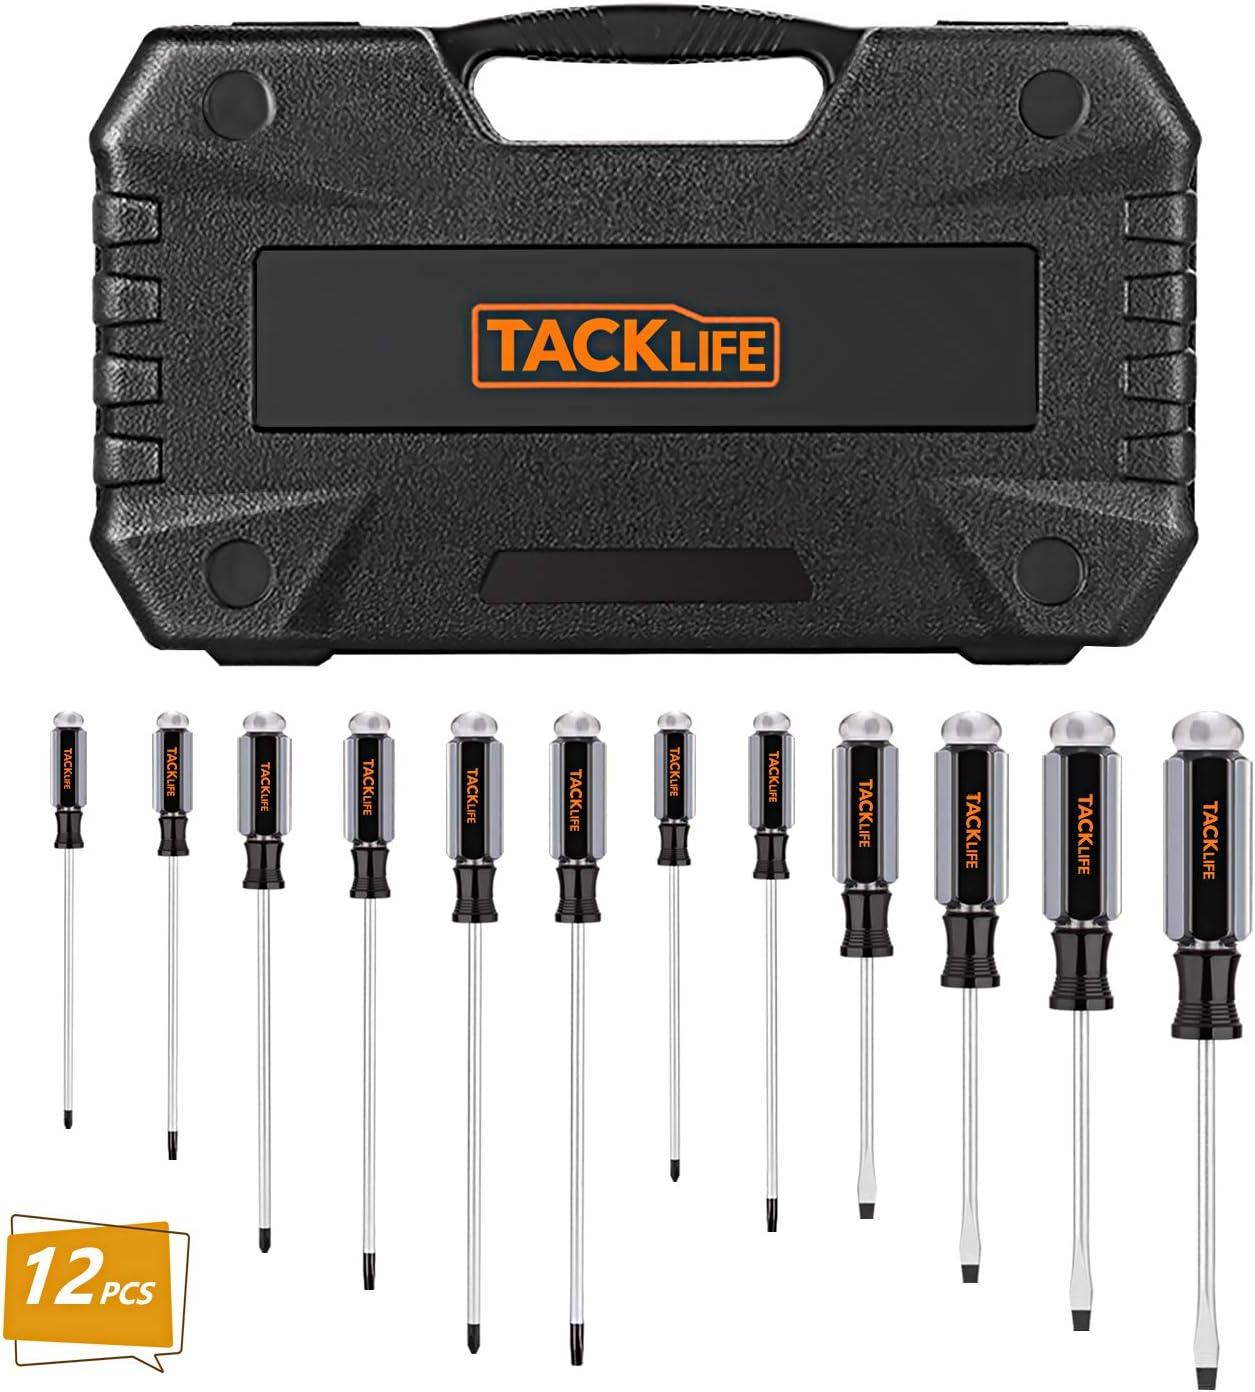 TACKLIFE Juego de destornilladores magnéticos profesionales 12PCS, mango de acetato para la reparación de electrodomésticos-HSS7B